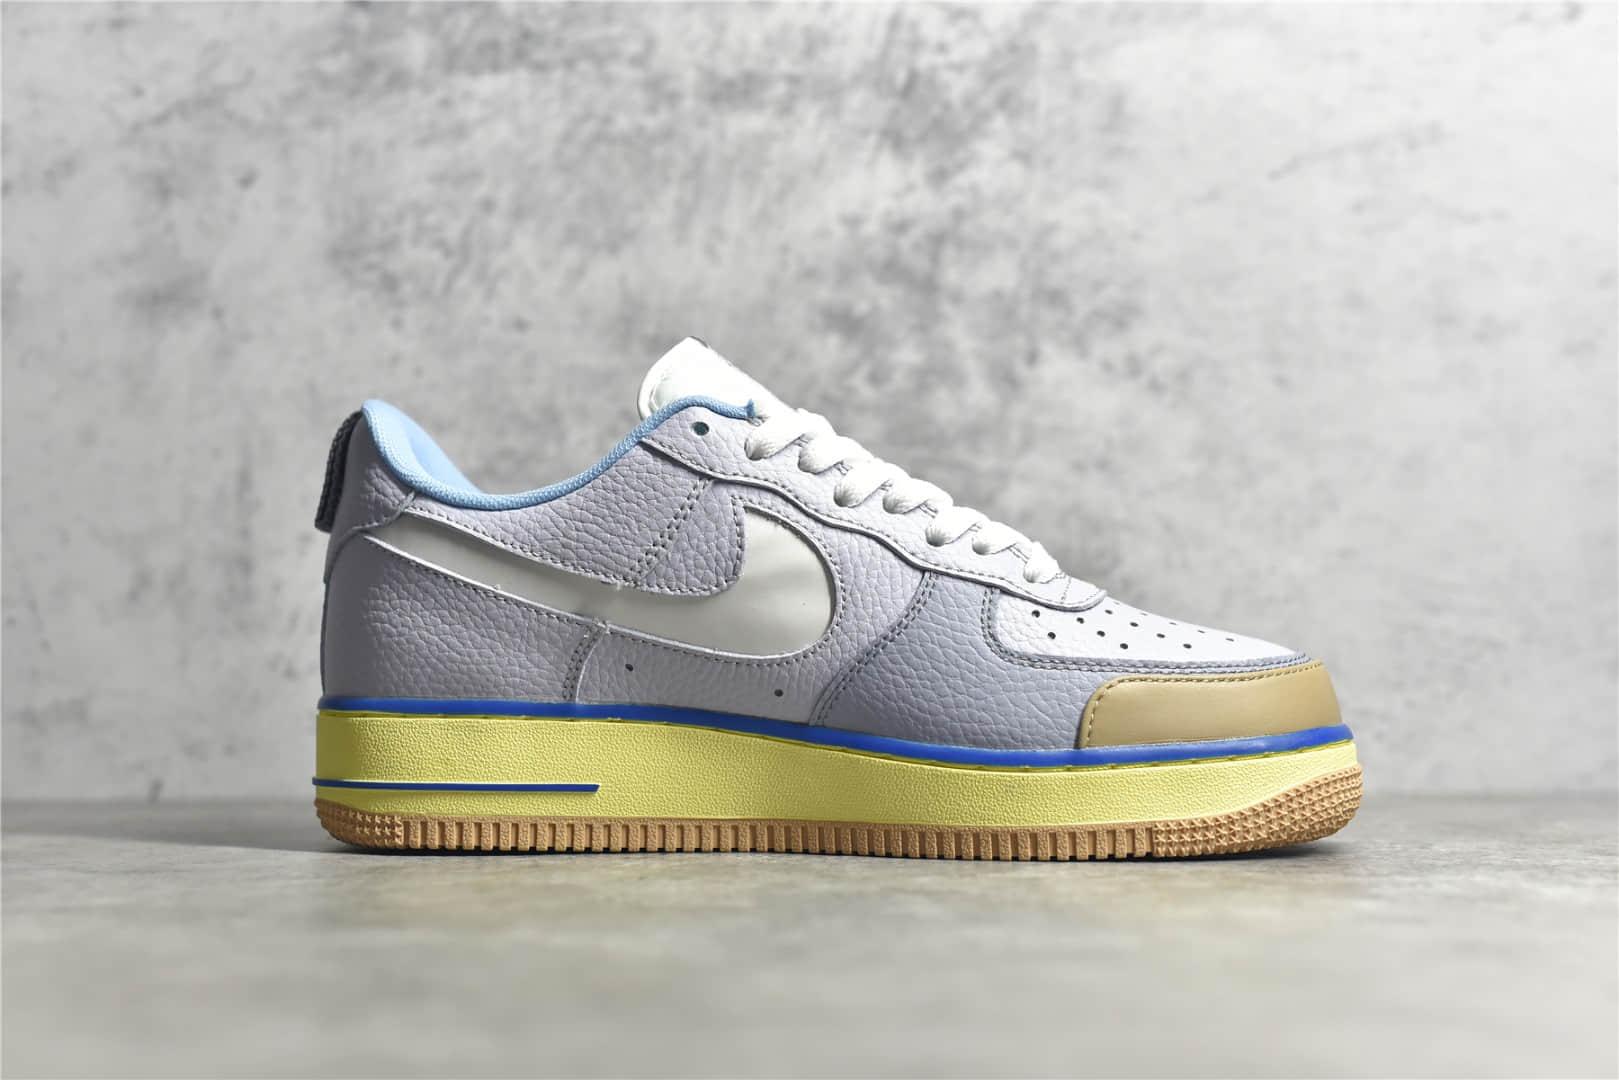 """耐克空军蓝罐曲奇 Nike Air Force 1 Premium """"Blue pot cookies"""" 耐克空军3M反光 耐克空军荔枝皮 货号:CV3039-102-潮流者之家"""